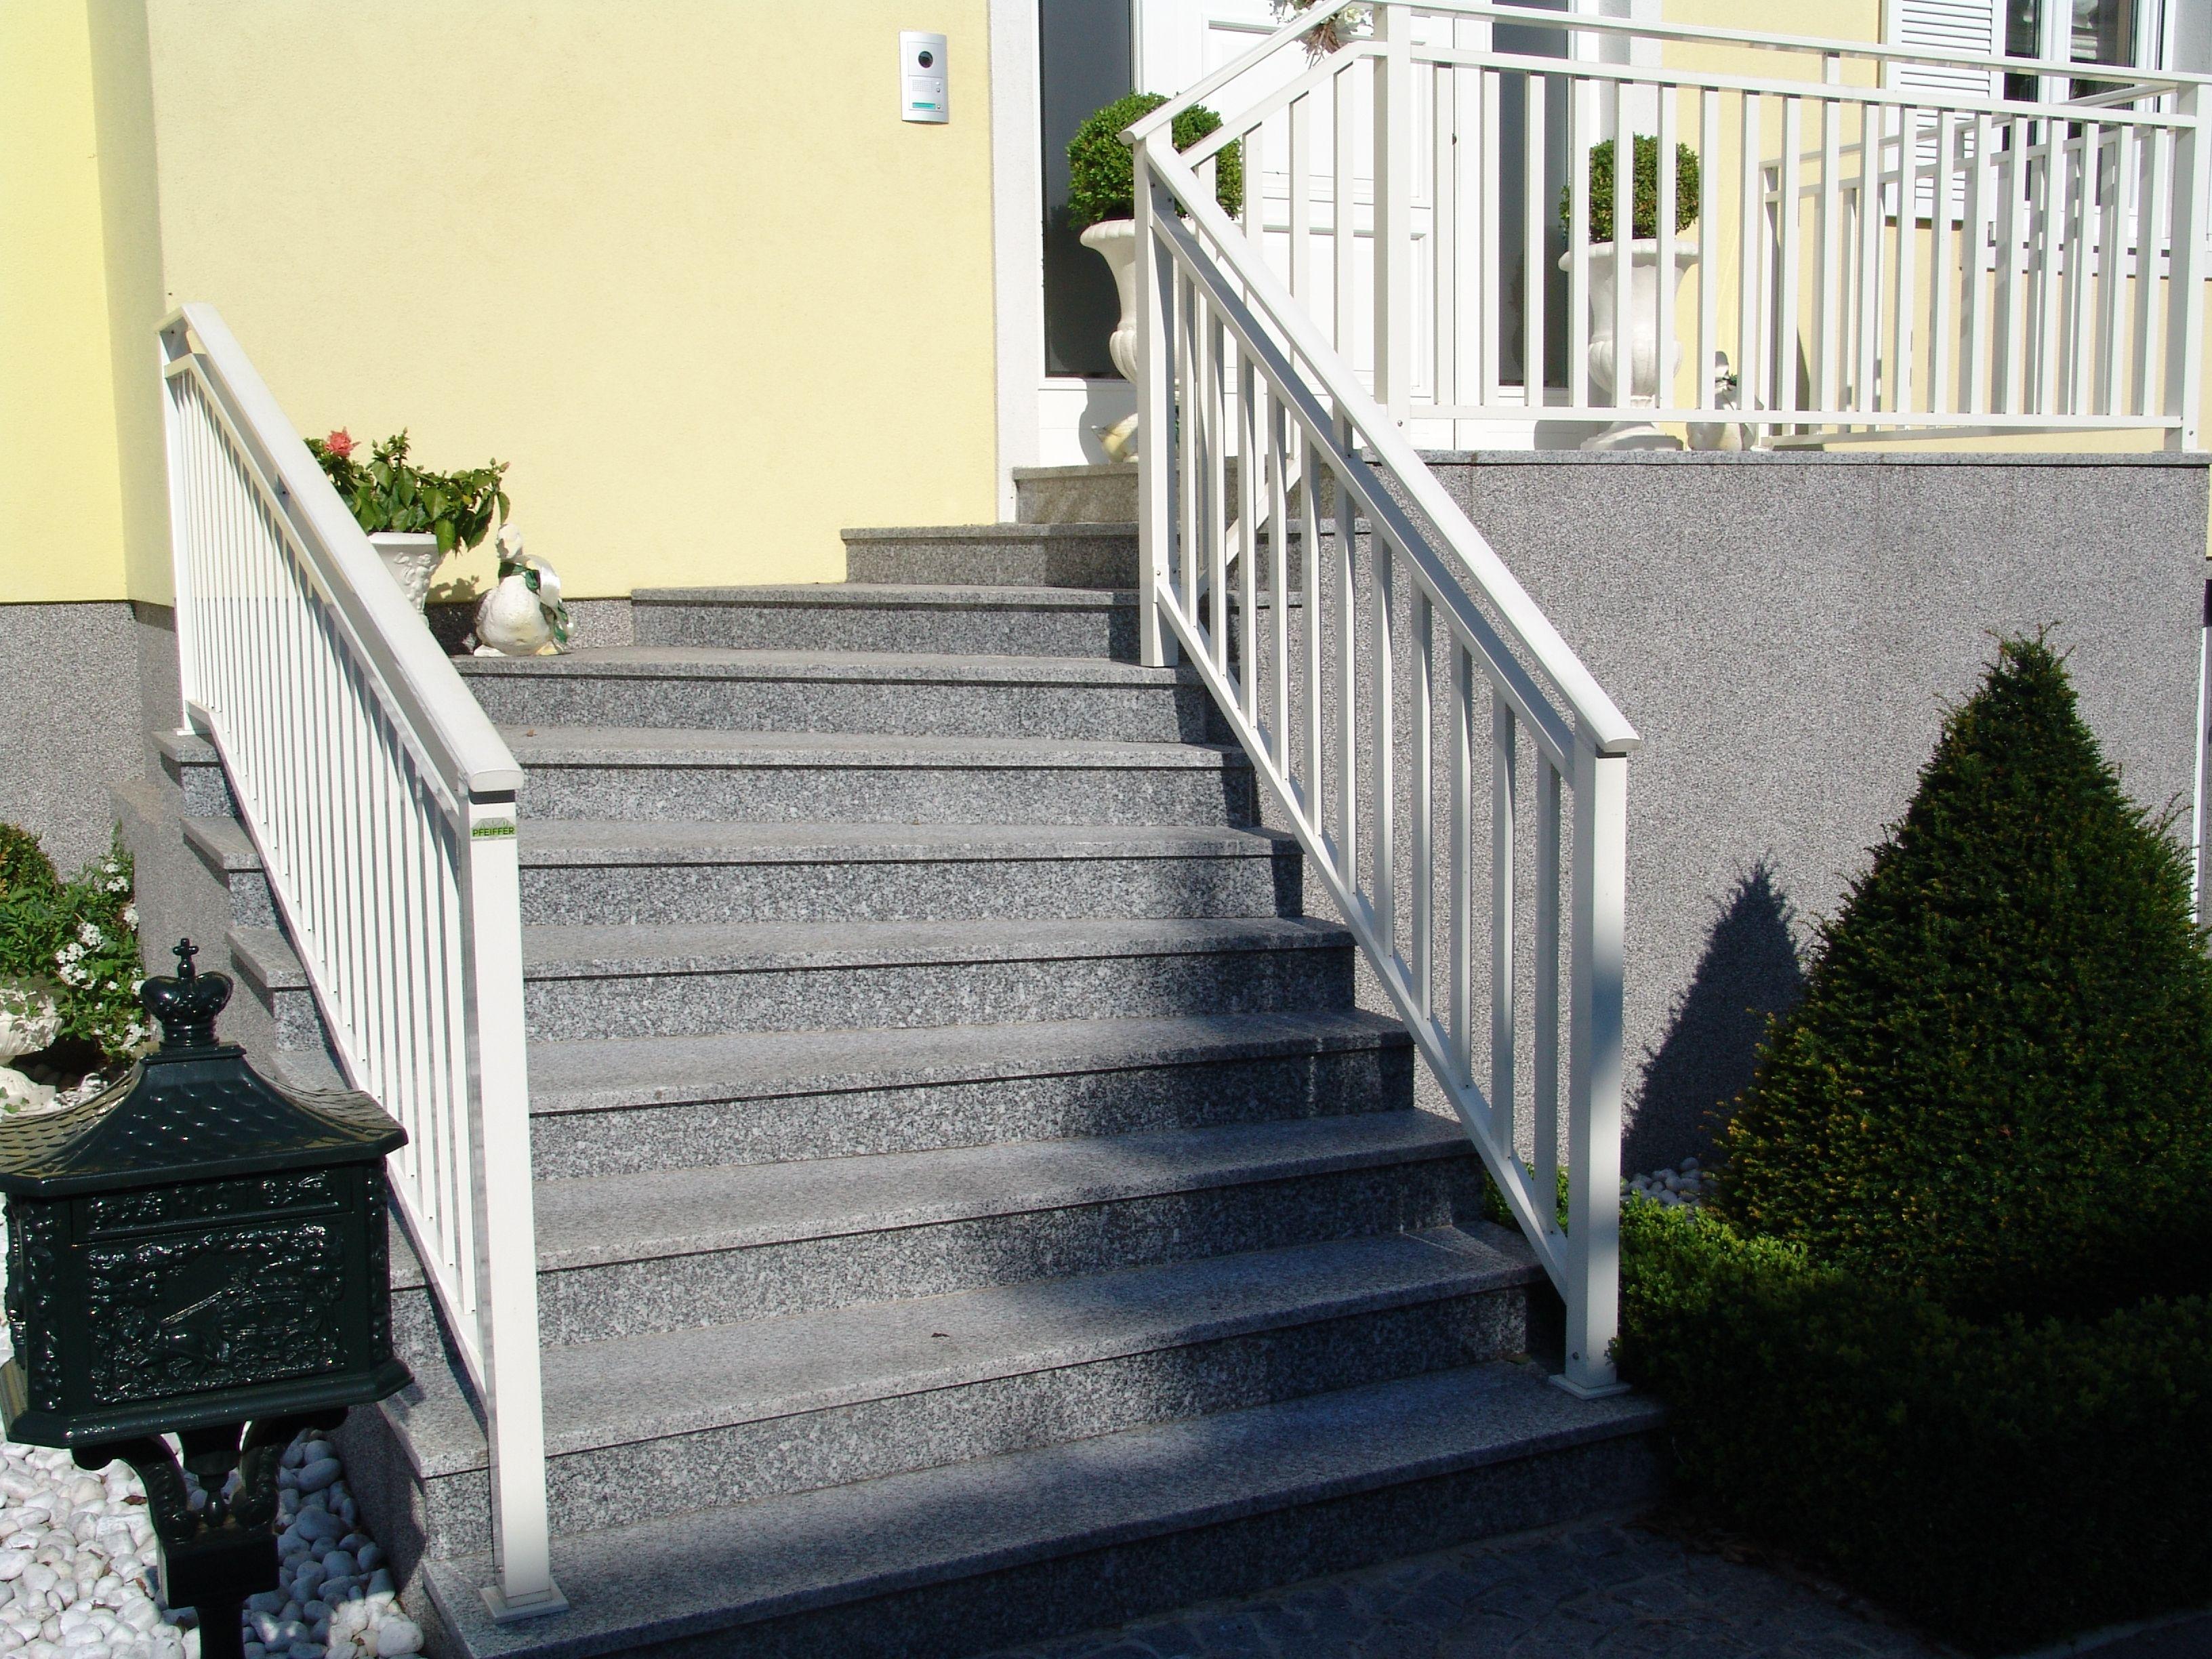 Inspirierend Treppe Hauseingang Referenz Von #häusler #granit #stufen #stiegen #treppe #eingang #stiegenaufgang